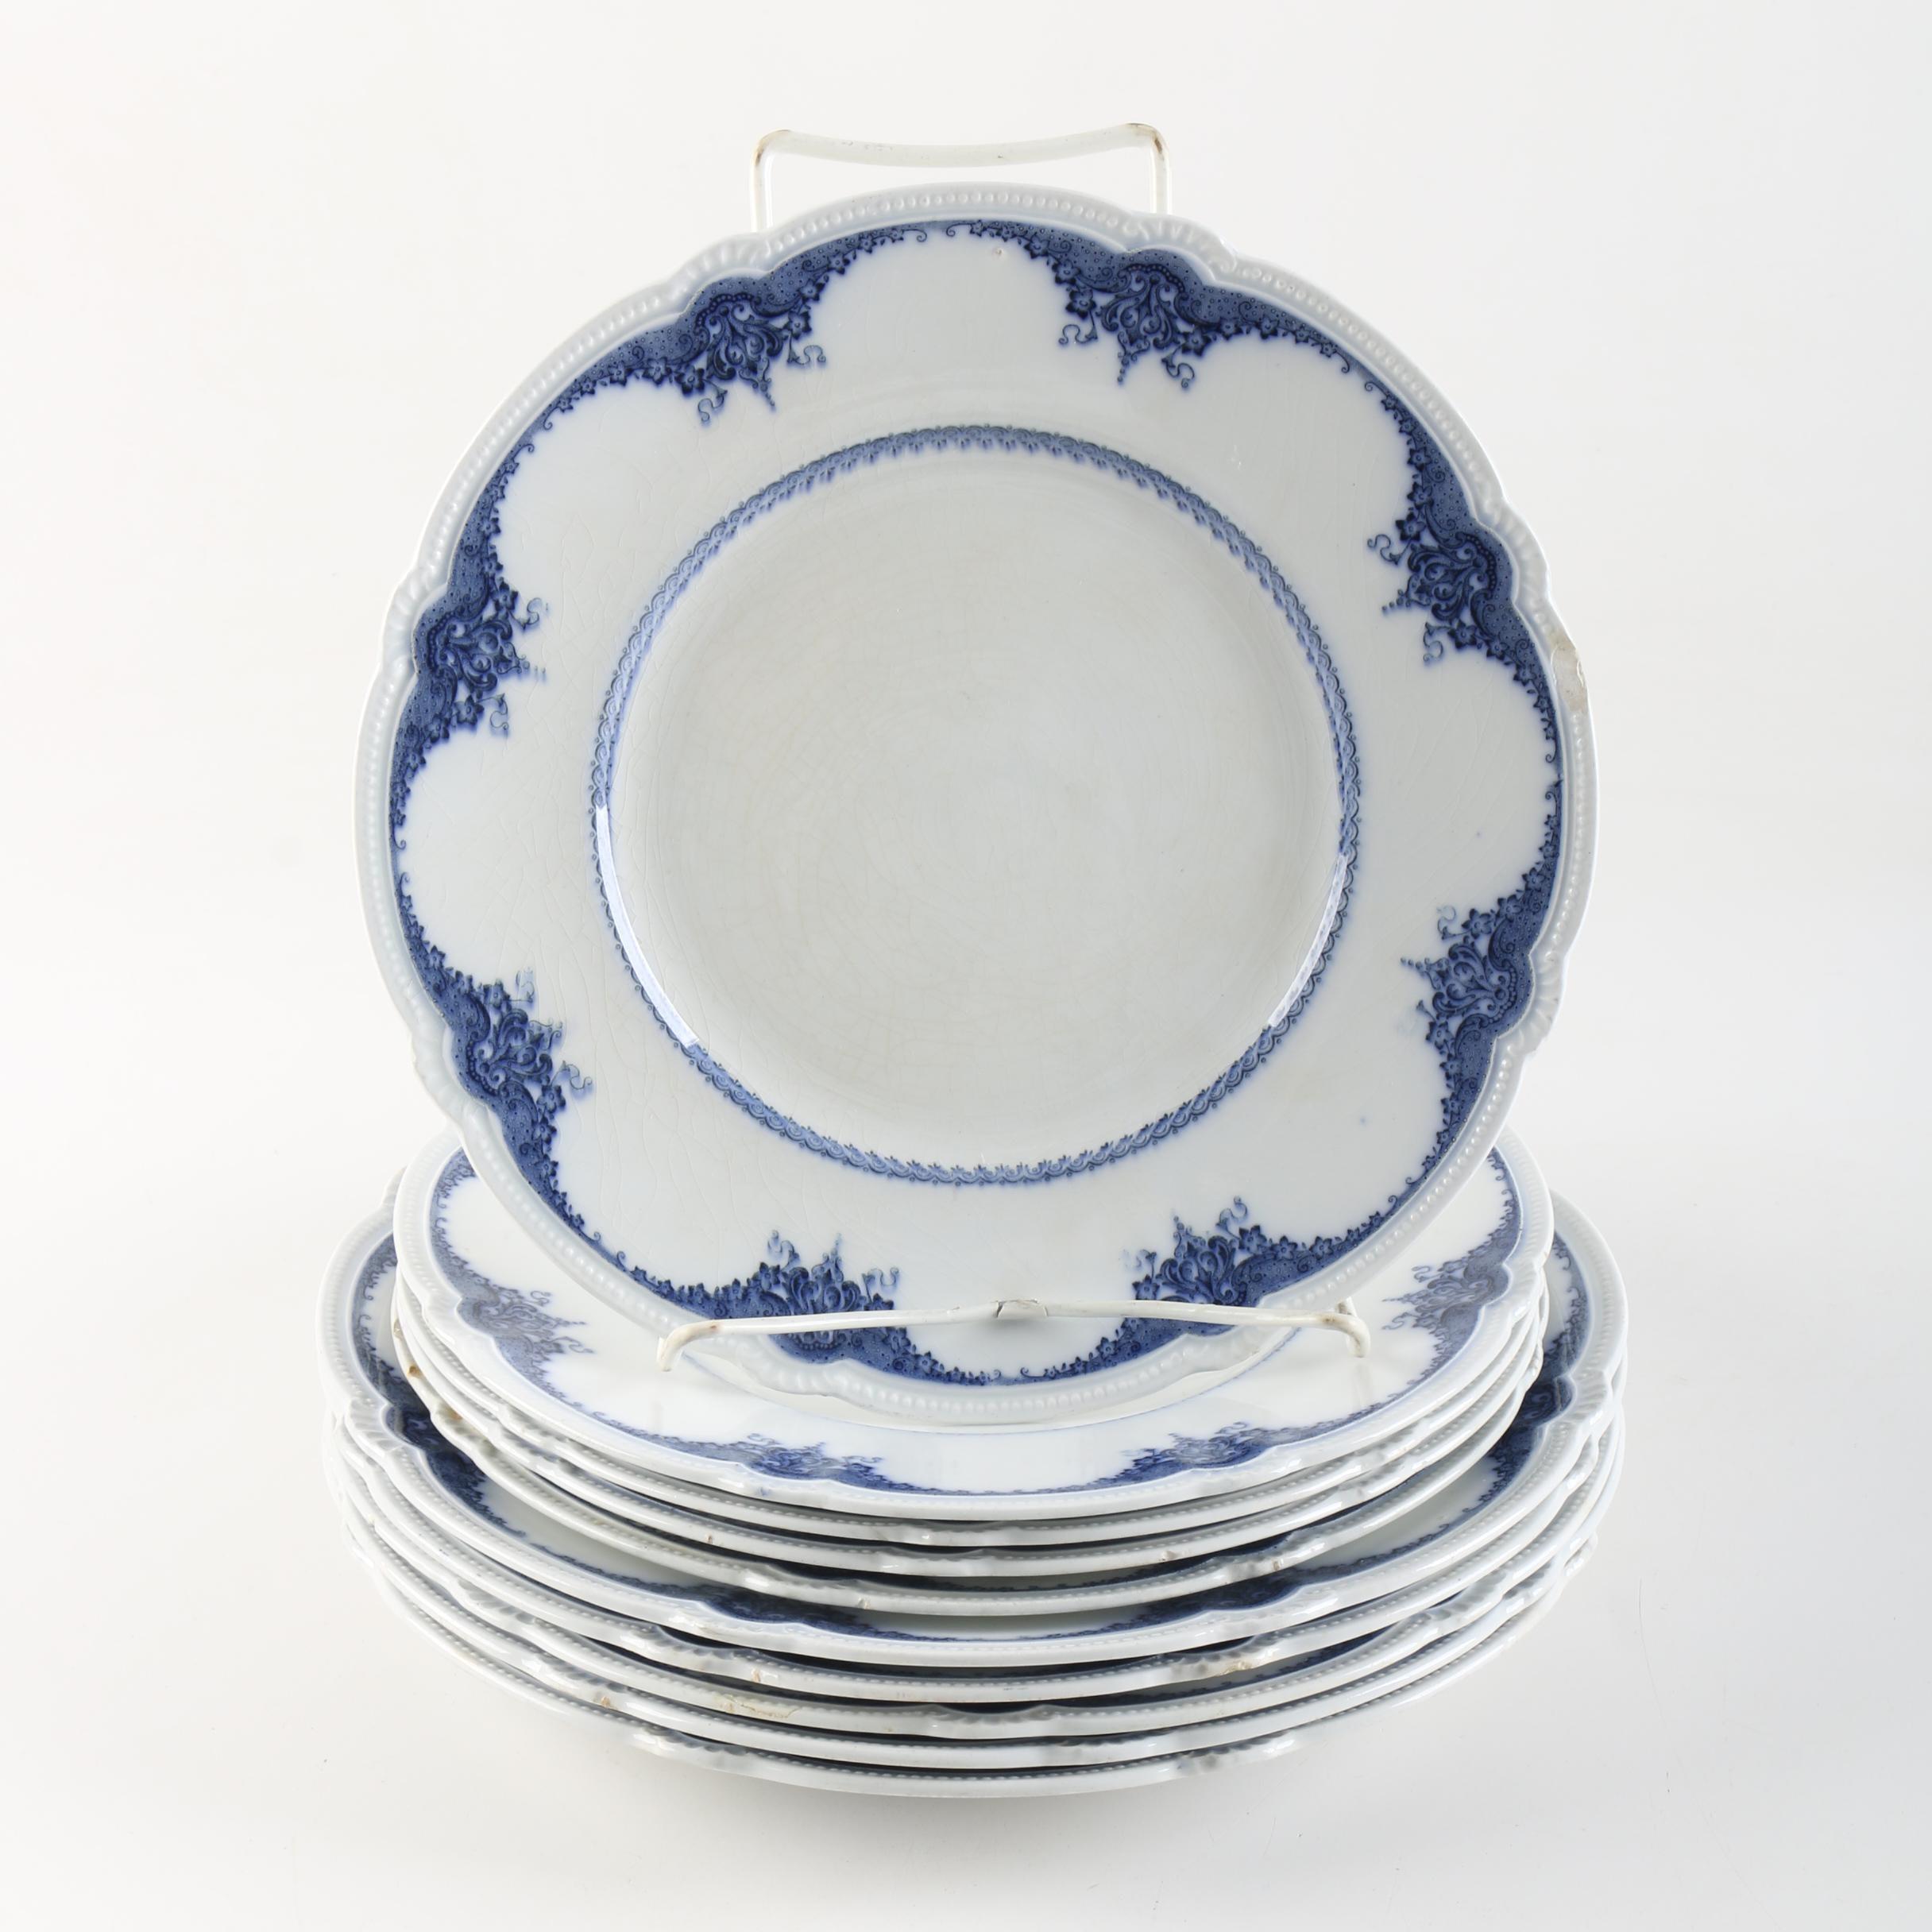 """Antique Booths England Royal Semi Porcelain """"London"""" Plates c. 1900"""